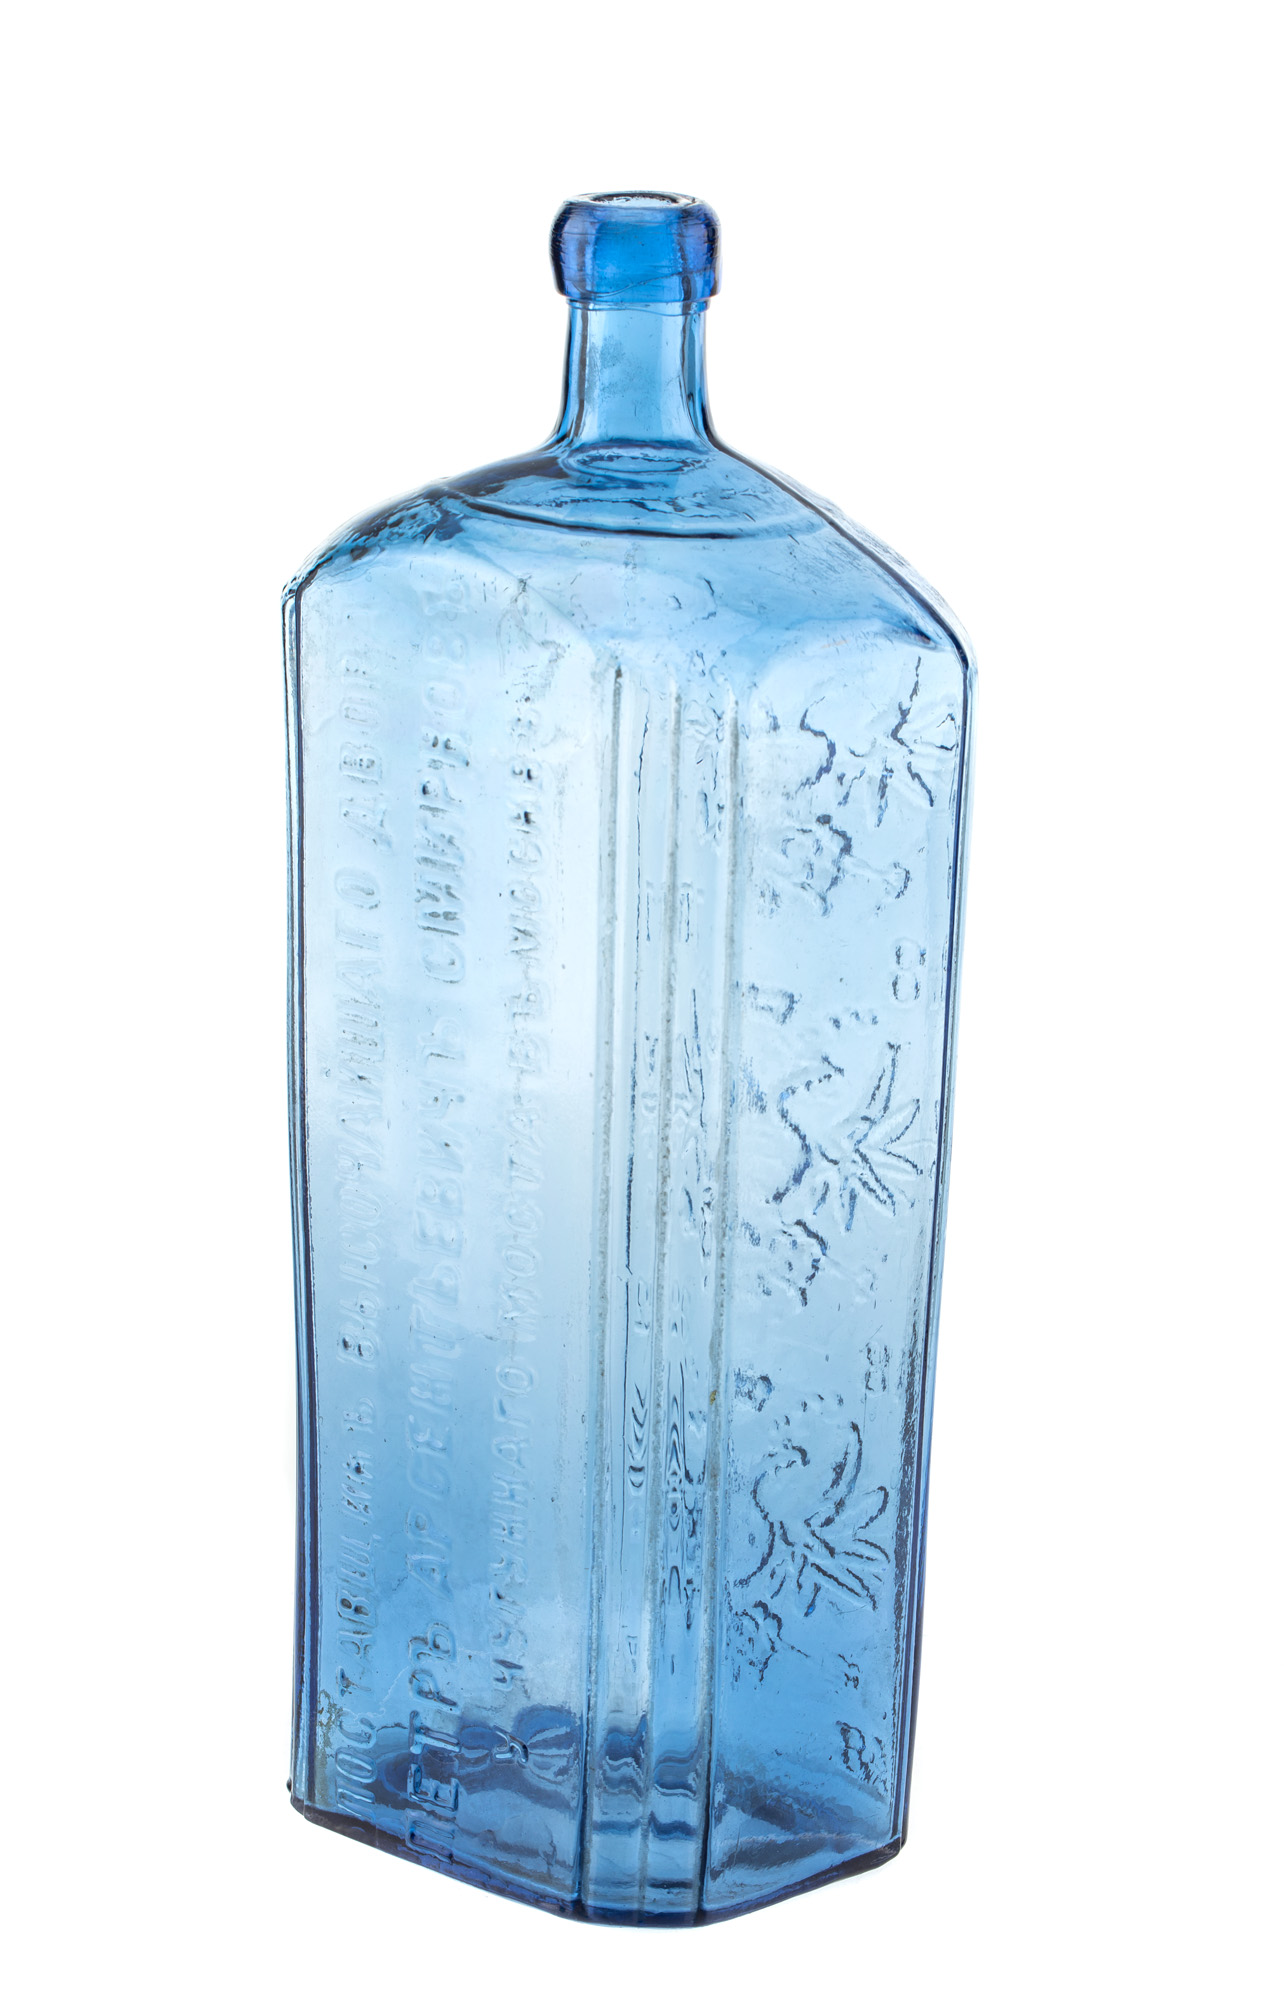 Butelka, koniec XIX w.